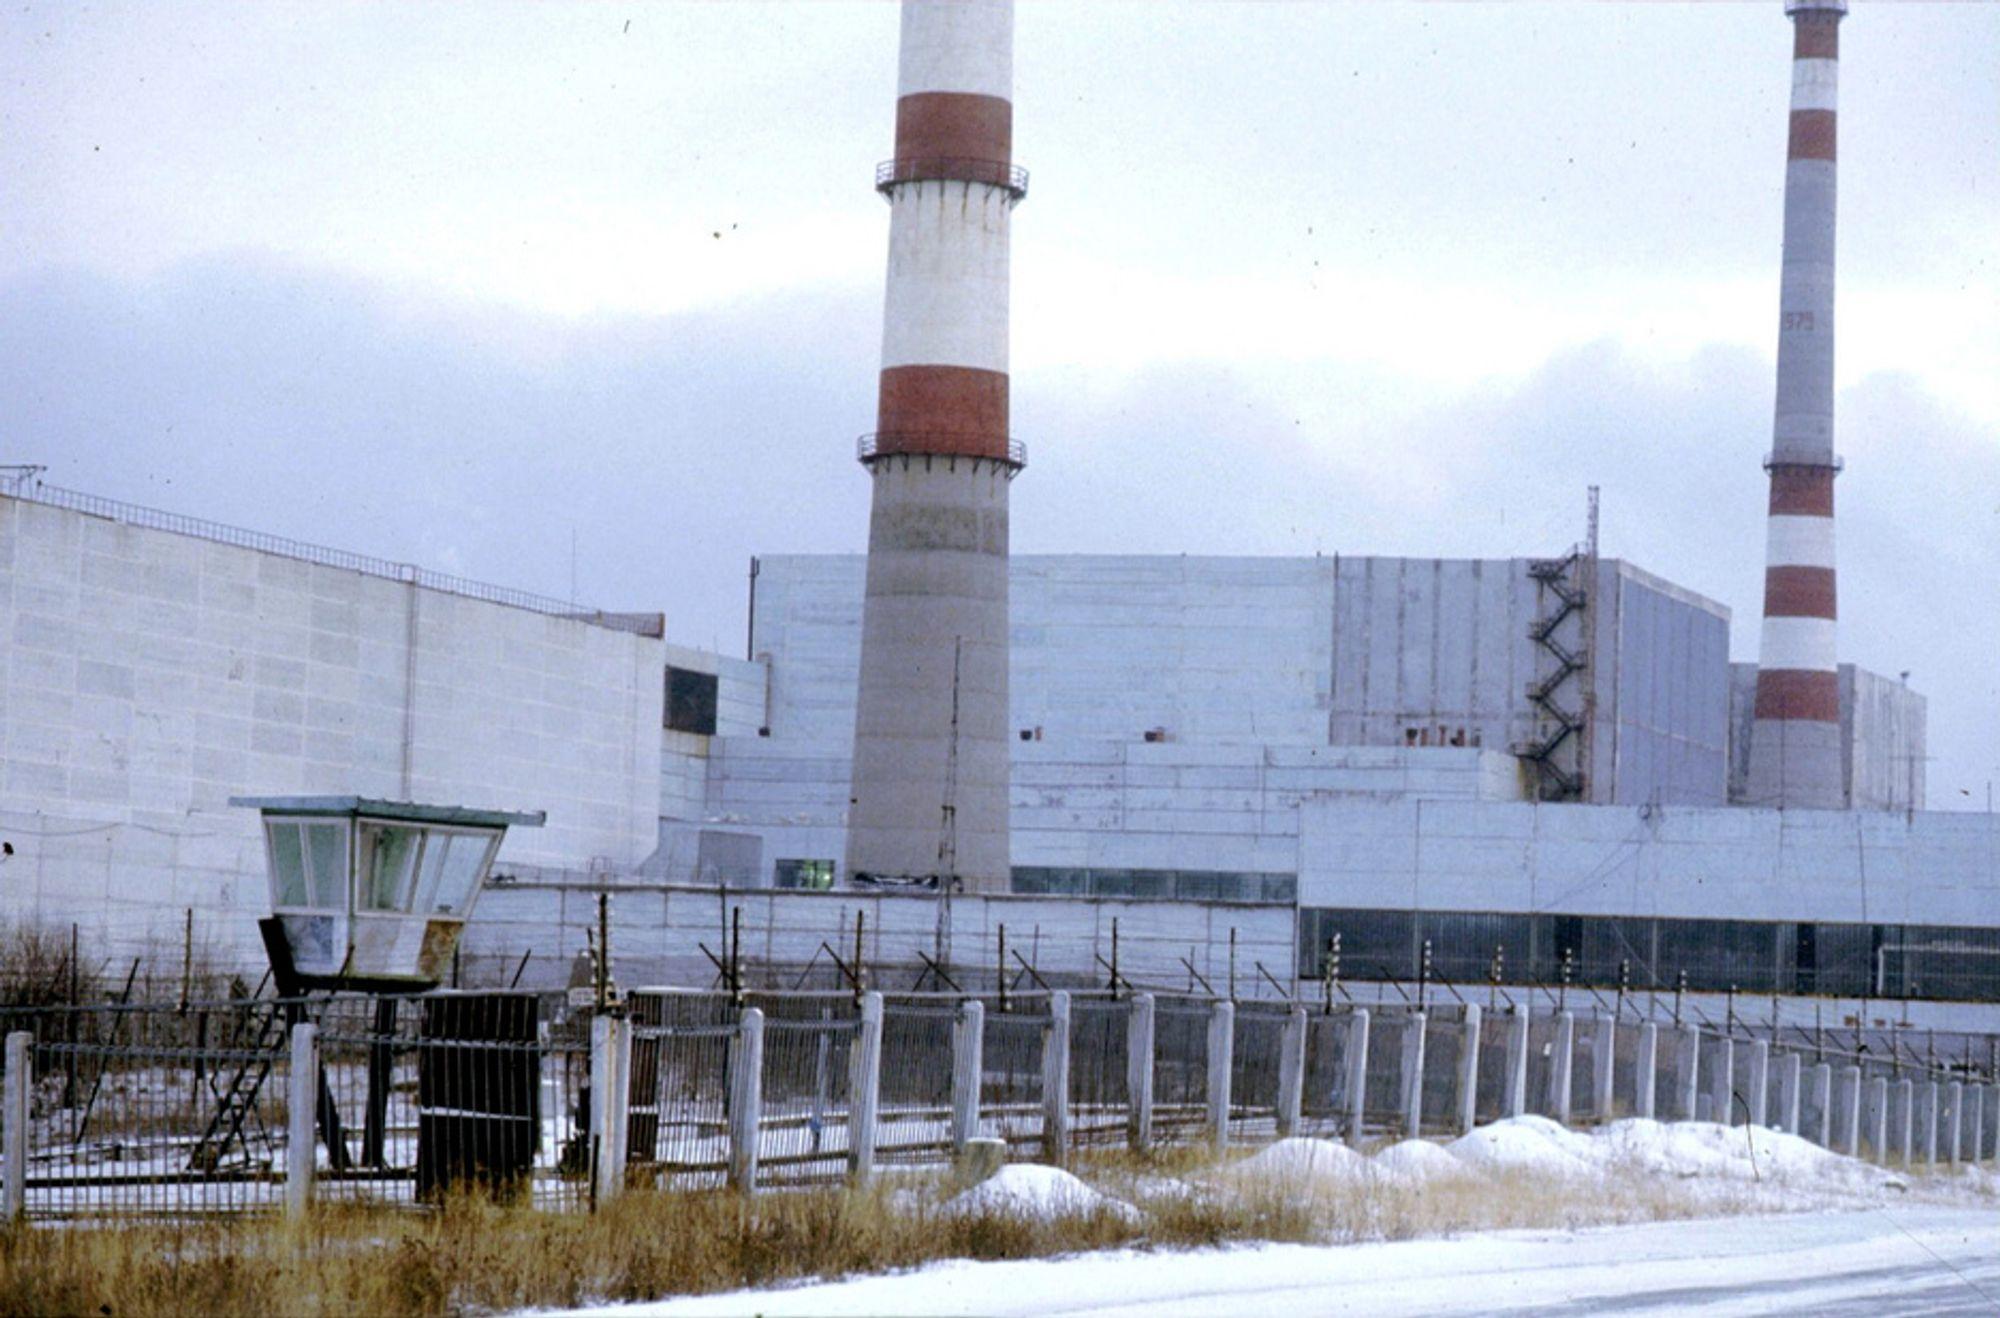 Kola atomkraftverk forsyner all tungindustrien i området med kraft, og kan også bli en energikilde for Shtokman.